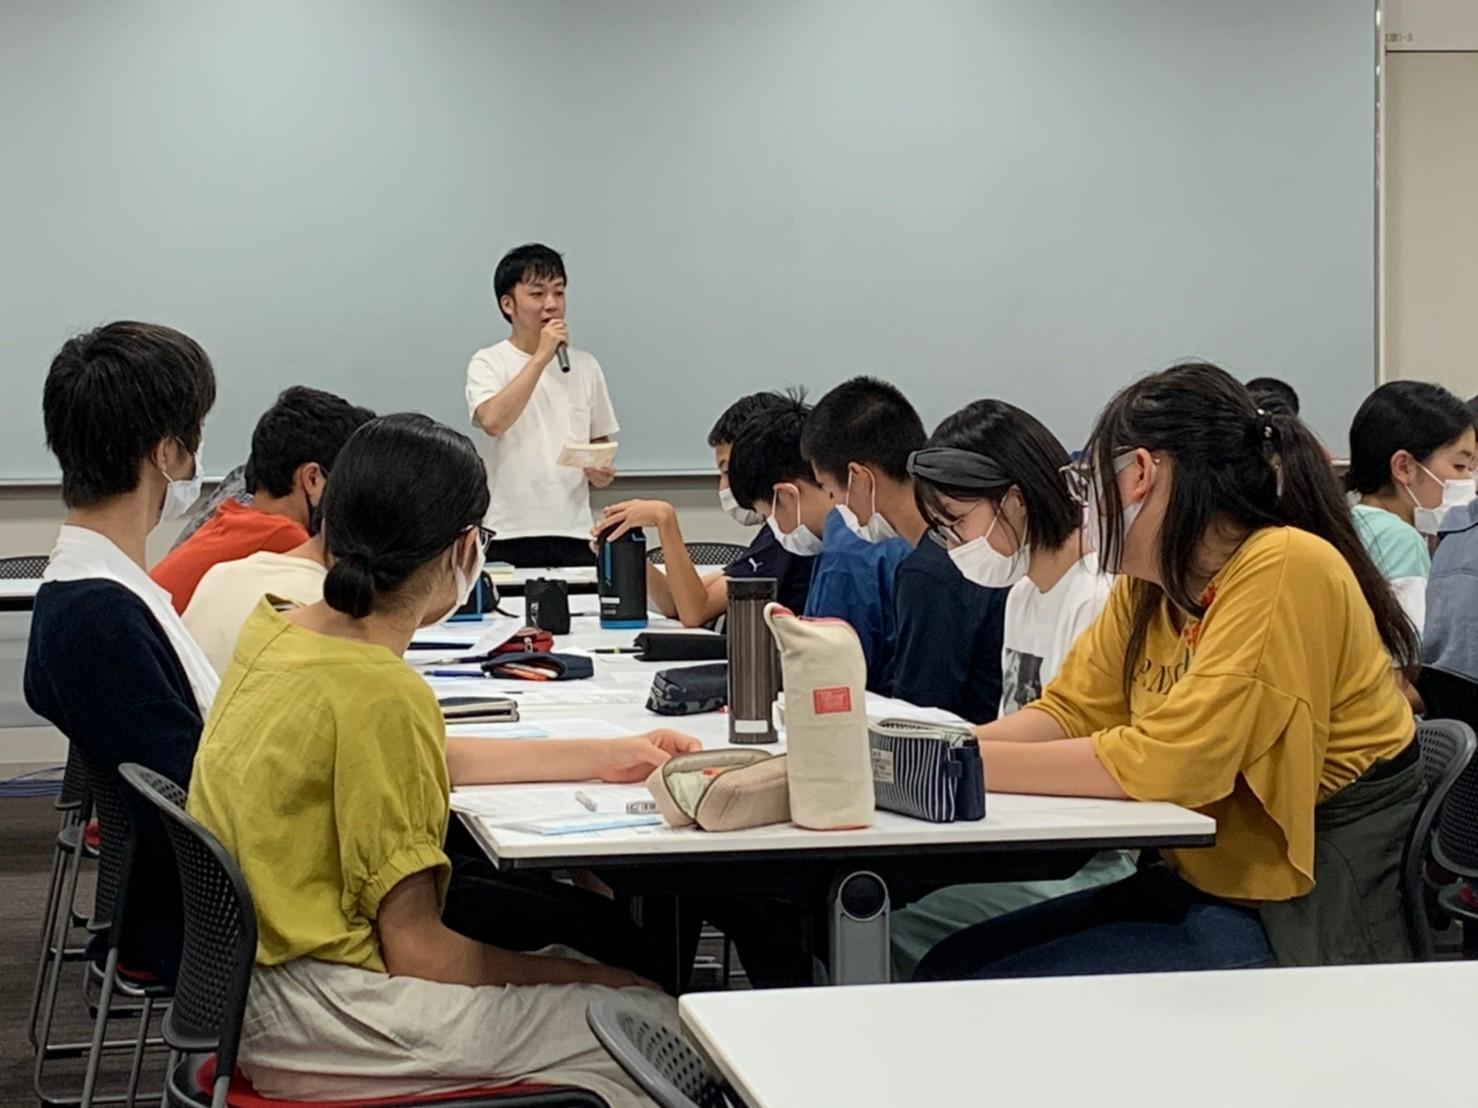 藤枝大さんの講演 サマー合宿(中1・中2)& 夏合宿(中3)_d0116009_18582251.jpg